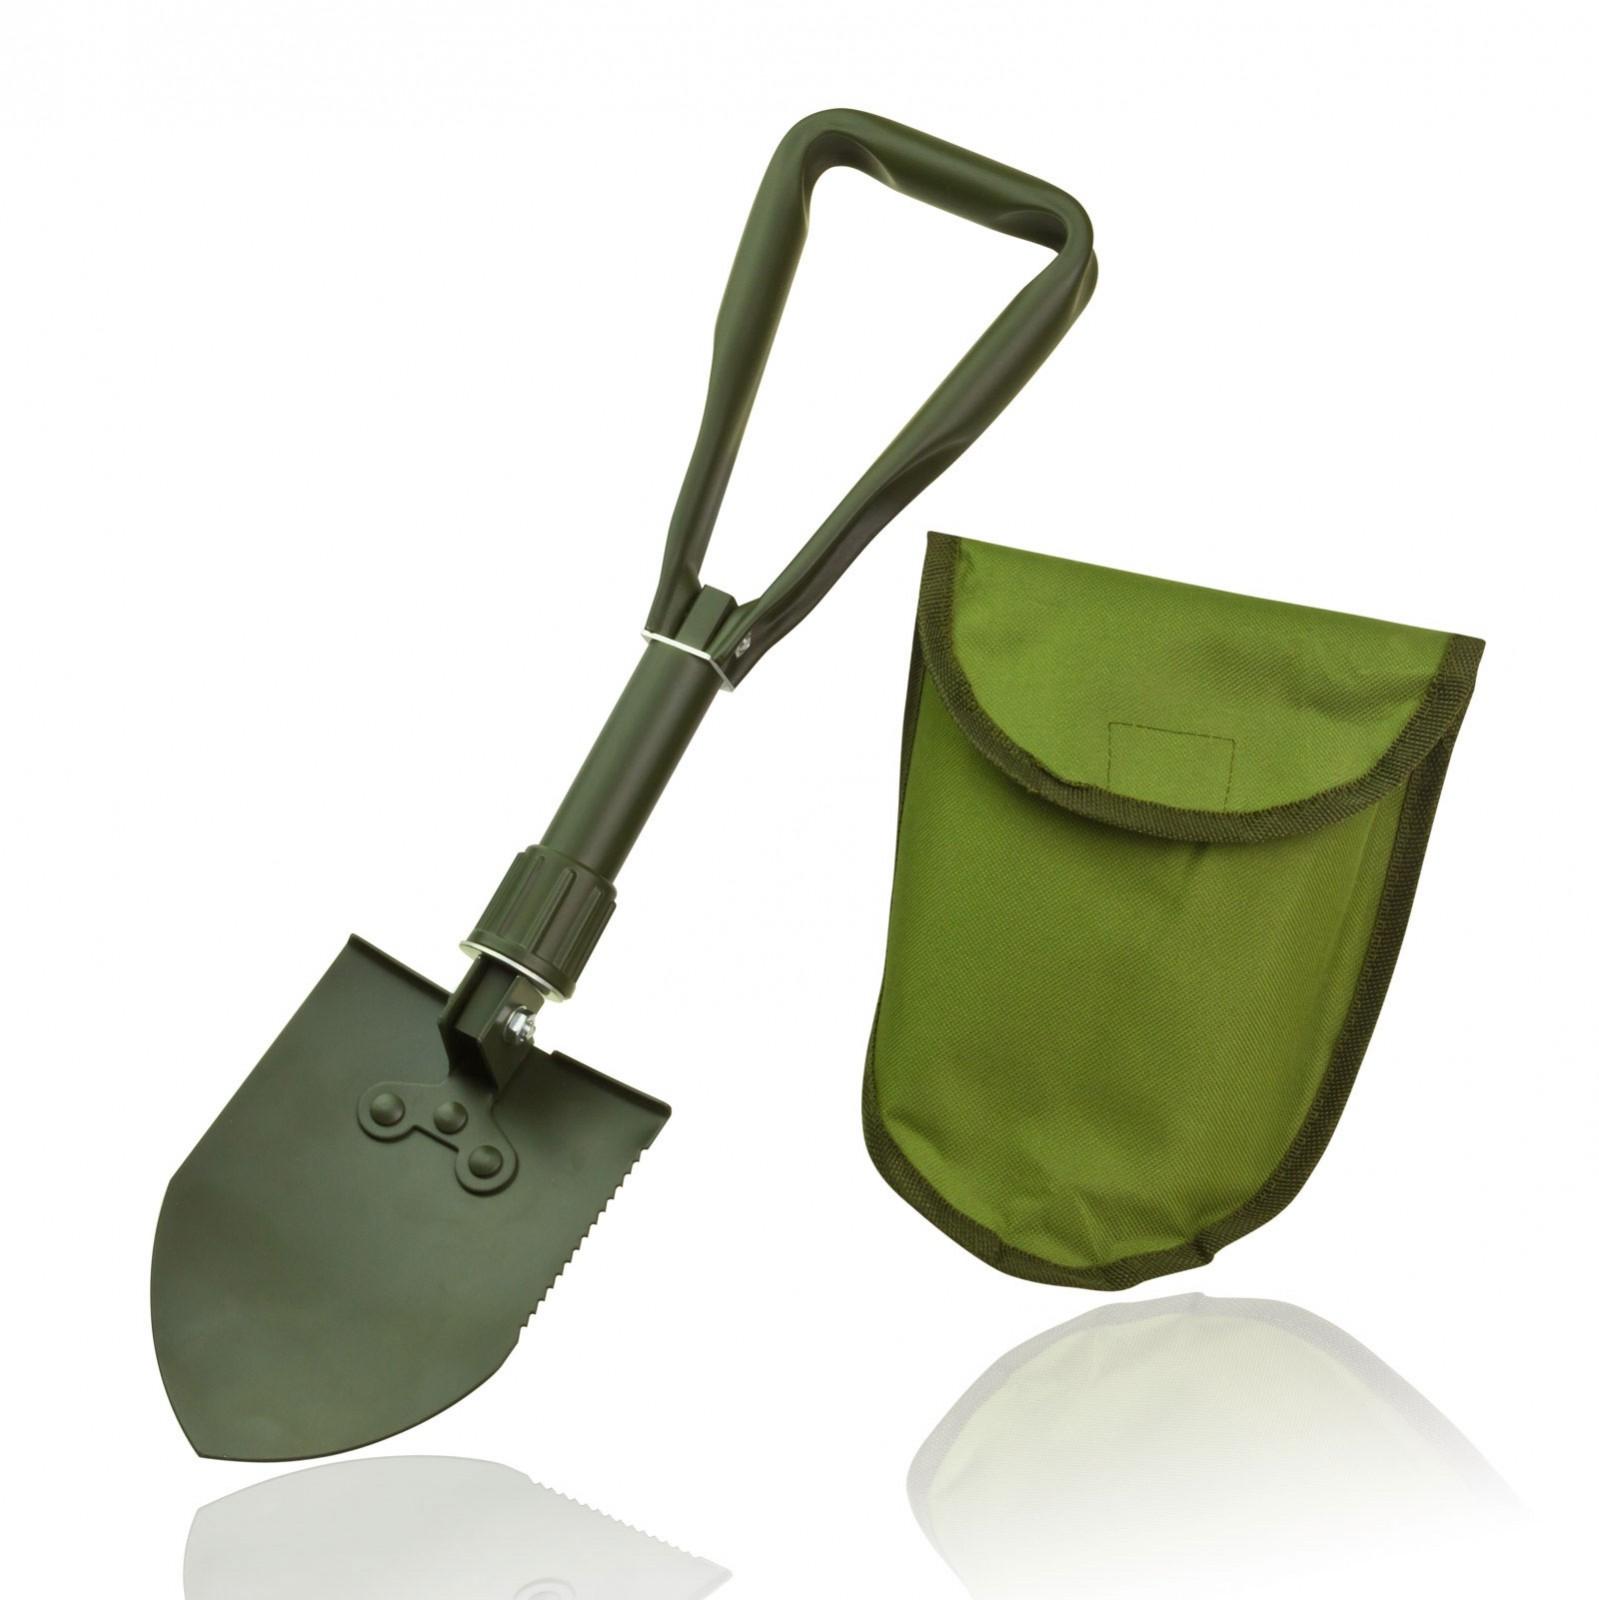 Dema Klappspaten Spaten klappbar KS48 gezahnt m. Tasche Armee-Spaten Nato-Spaten 24528